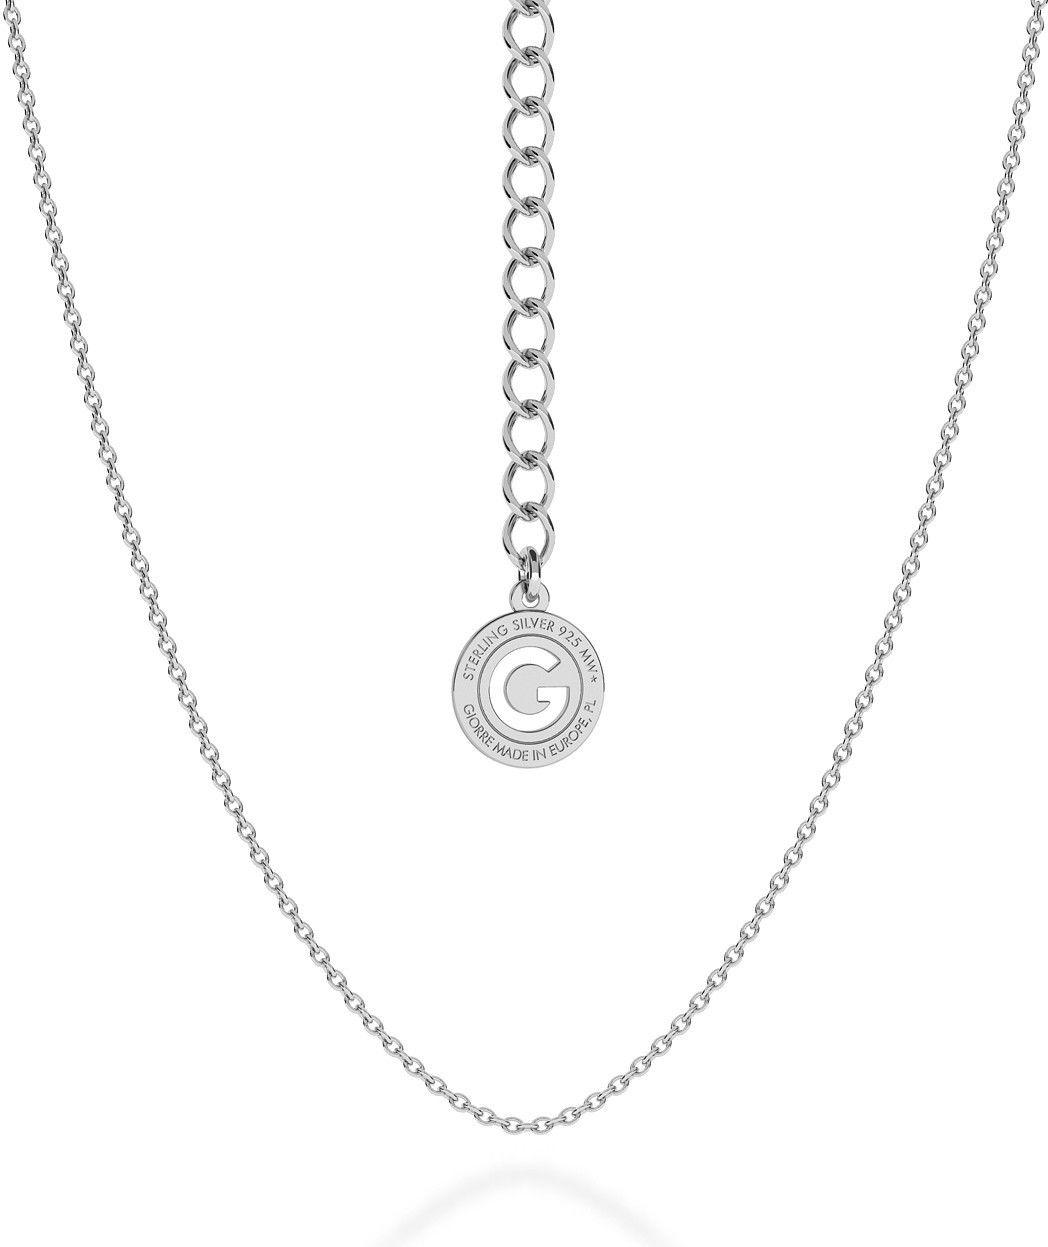 Srebrny delikatny łańcuszek ankier, srebro 925 : Długość (cm) - 55 + 5, Srebro - kolor pokrycia - Pokrycie żółtym 18K złotem